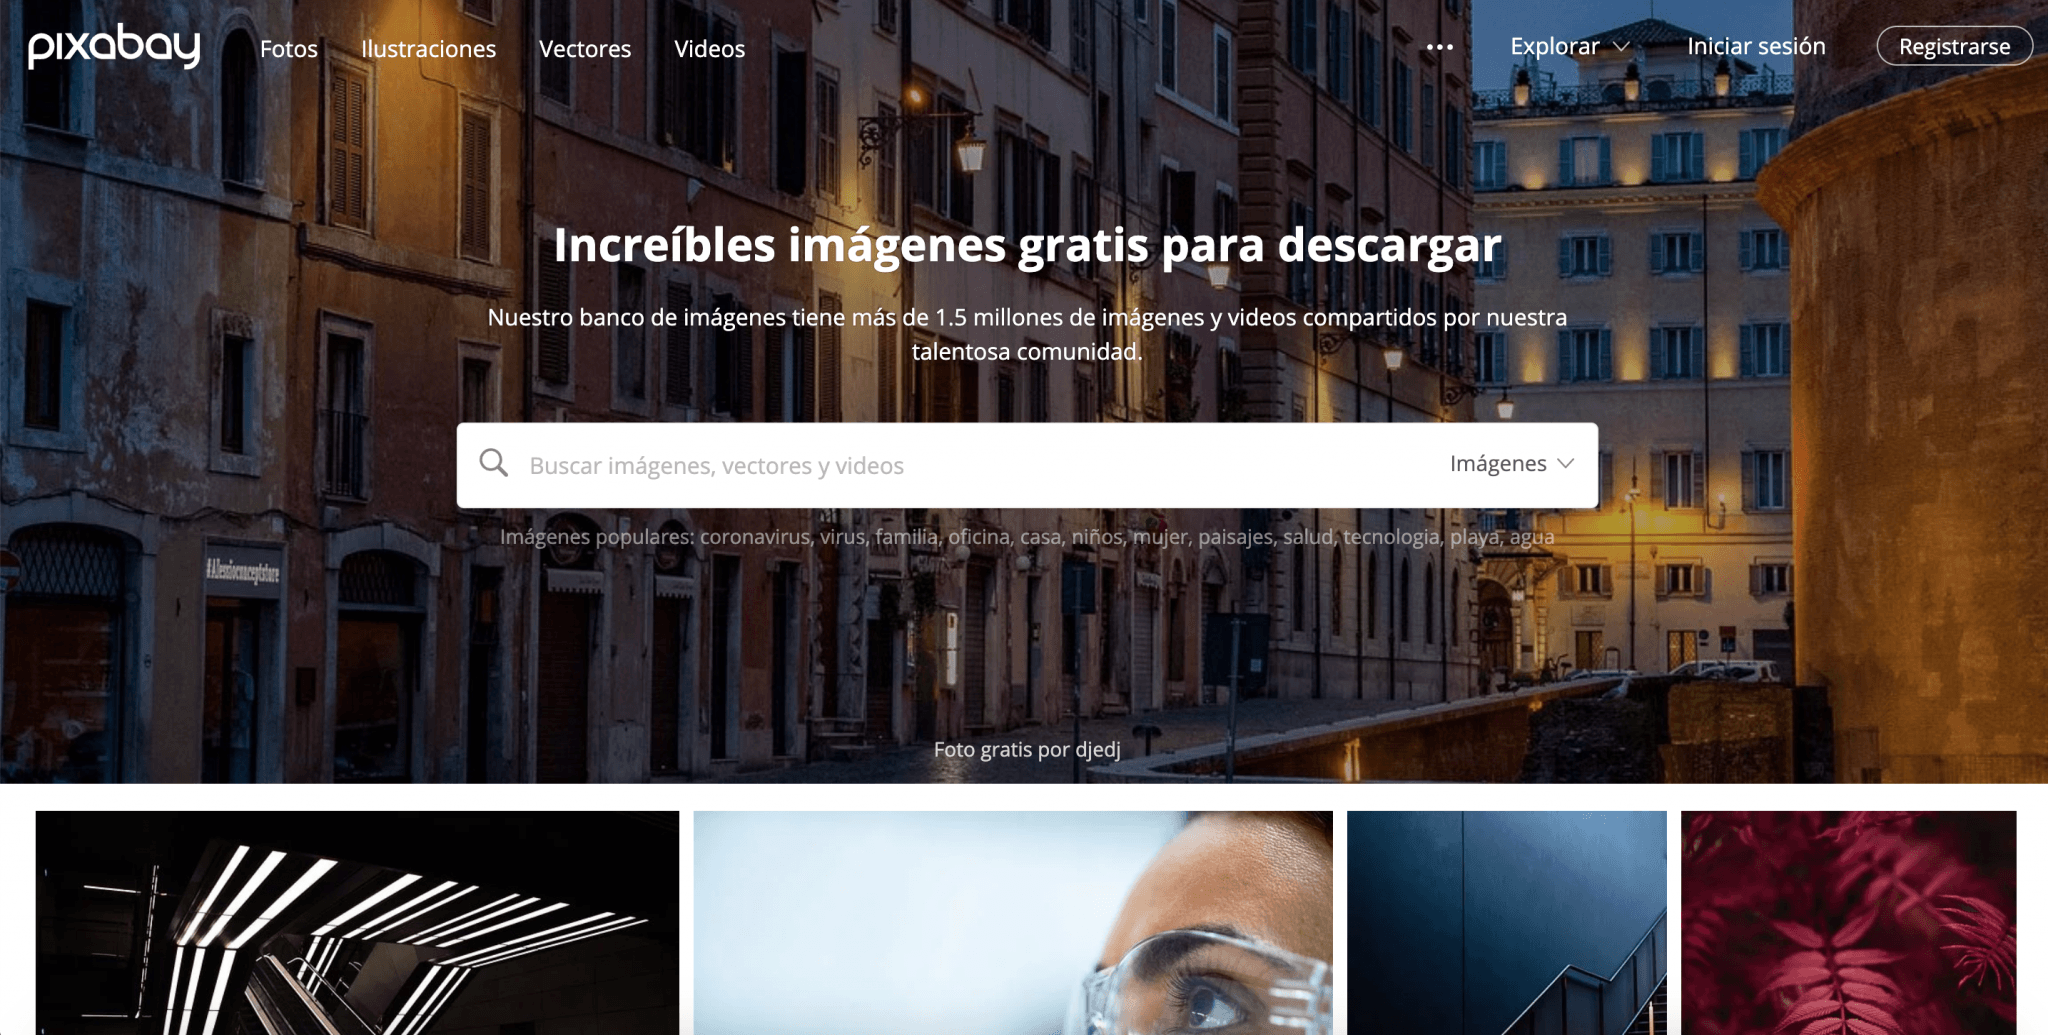 Captura de pantalla de la web Pixabay, increíbles imágenes gratis para descargar